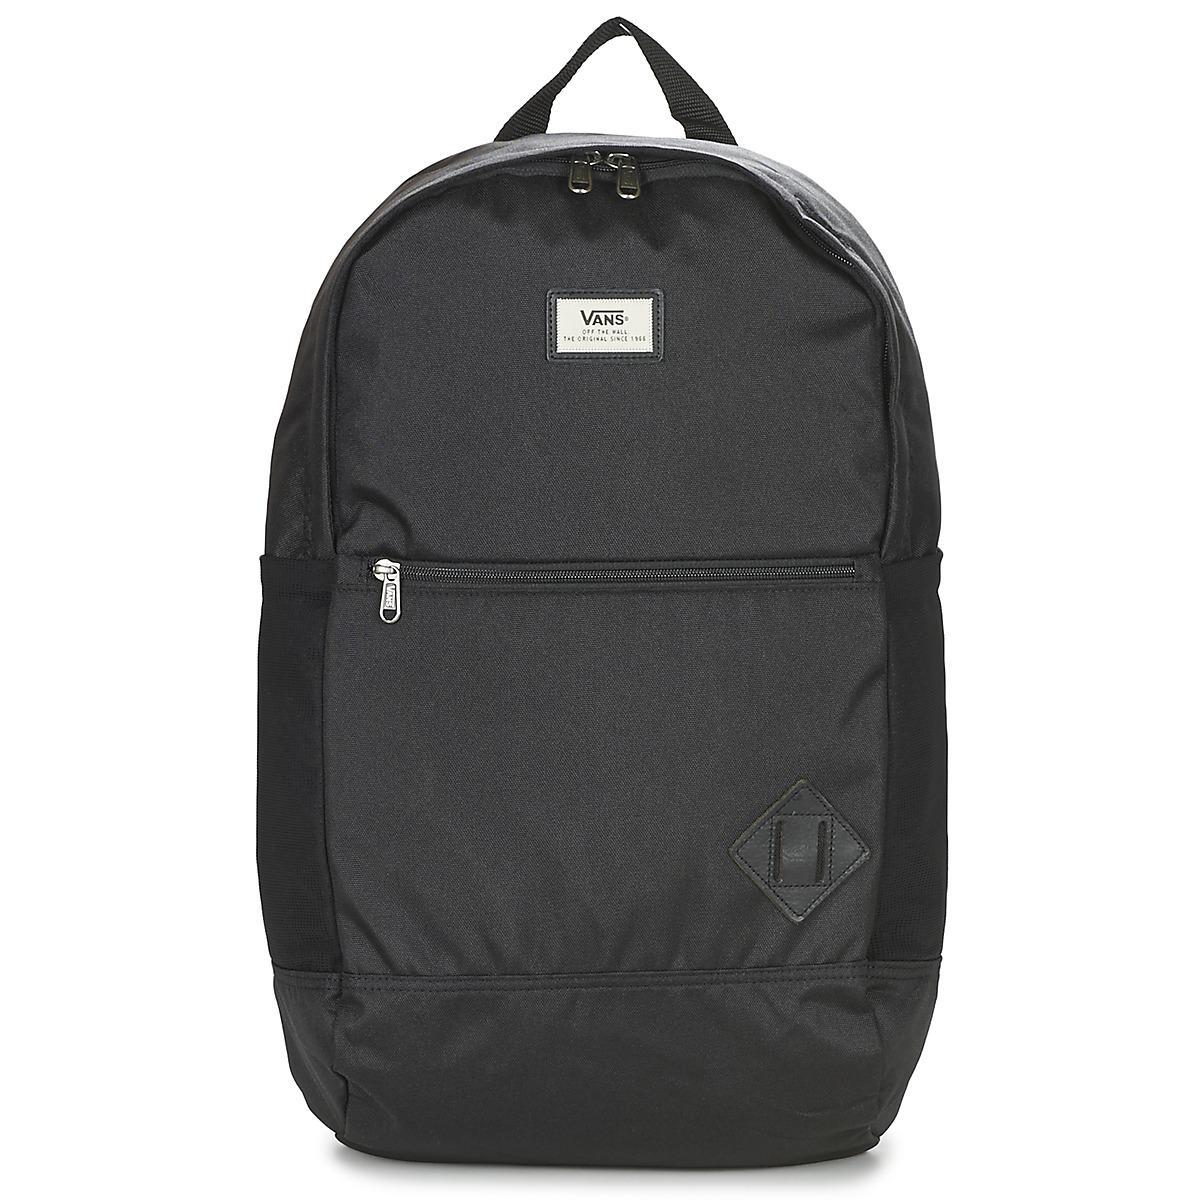 7738cfdc2bd4d0 Vans Van Doren Iii Backpack Backpack in Black for Men - Lyst